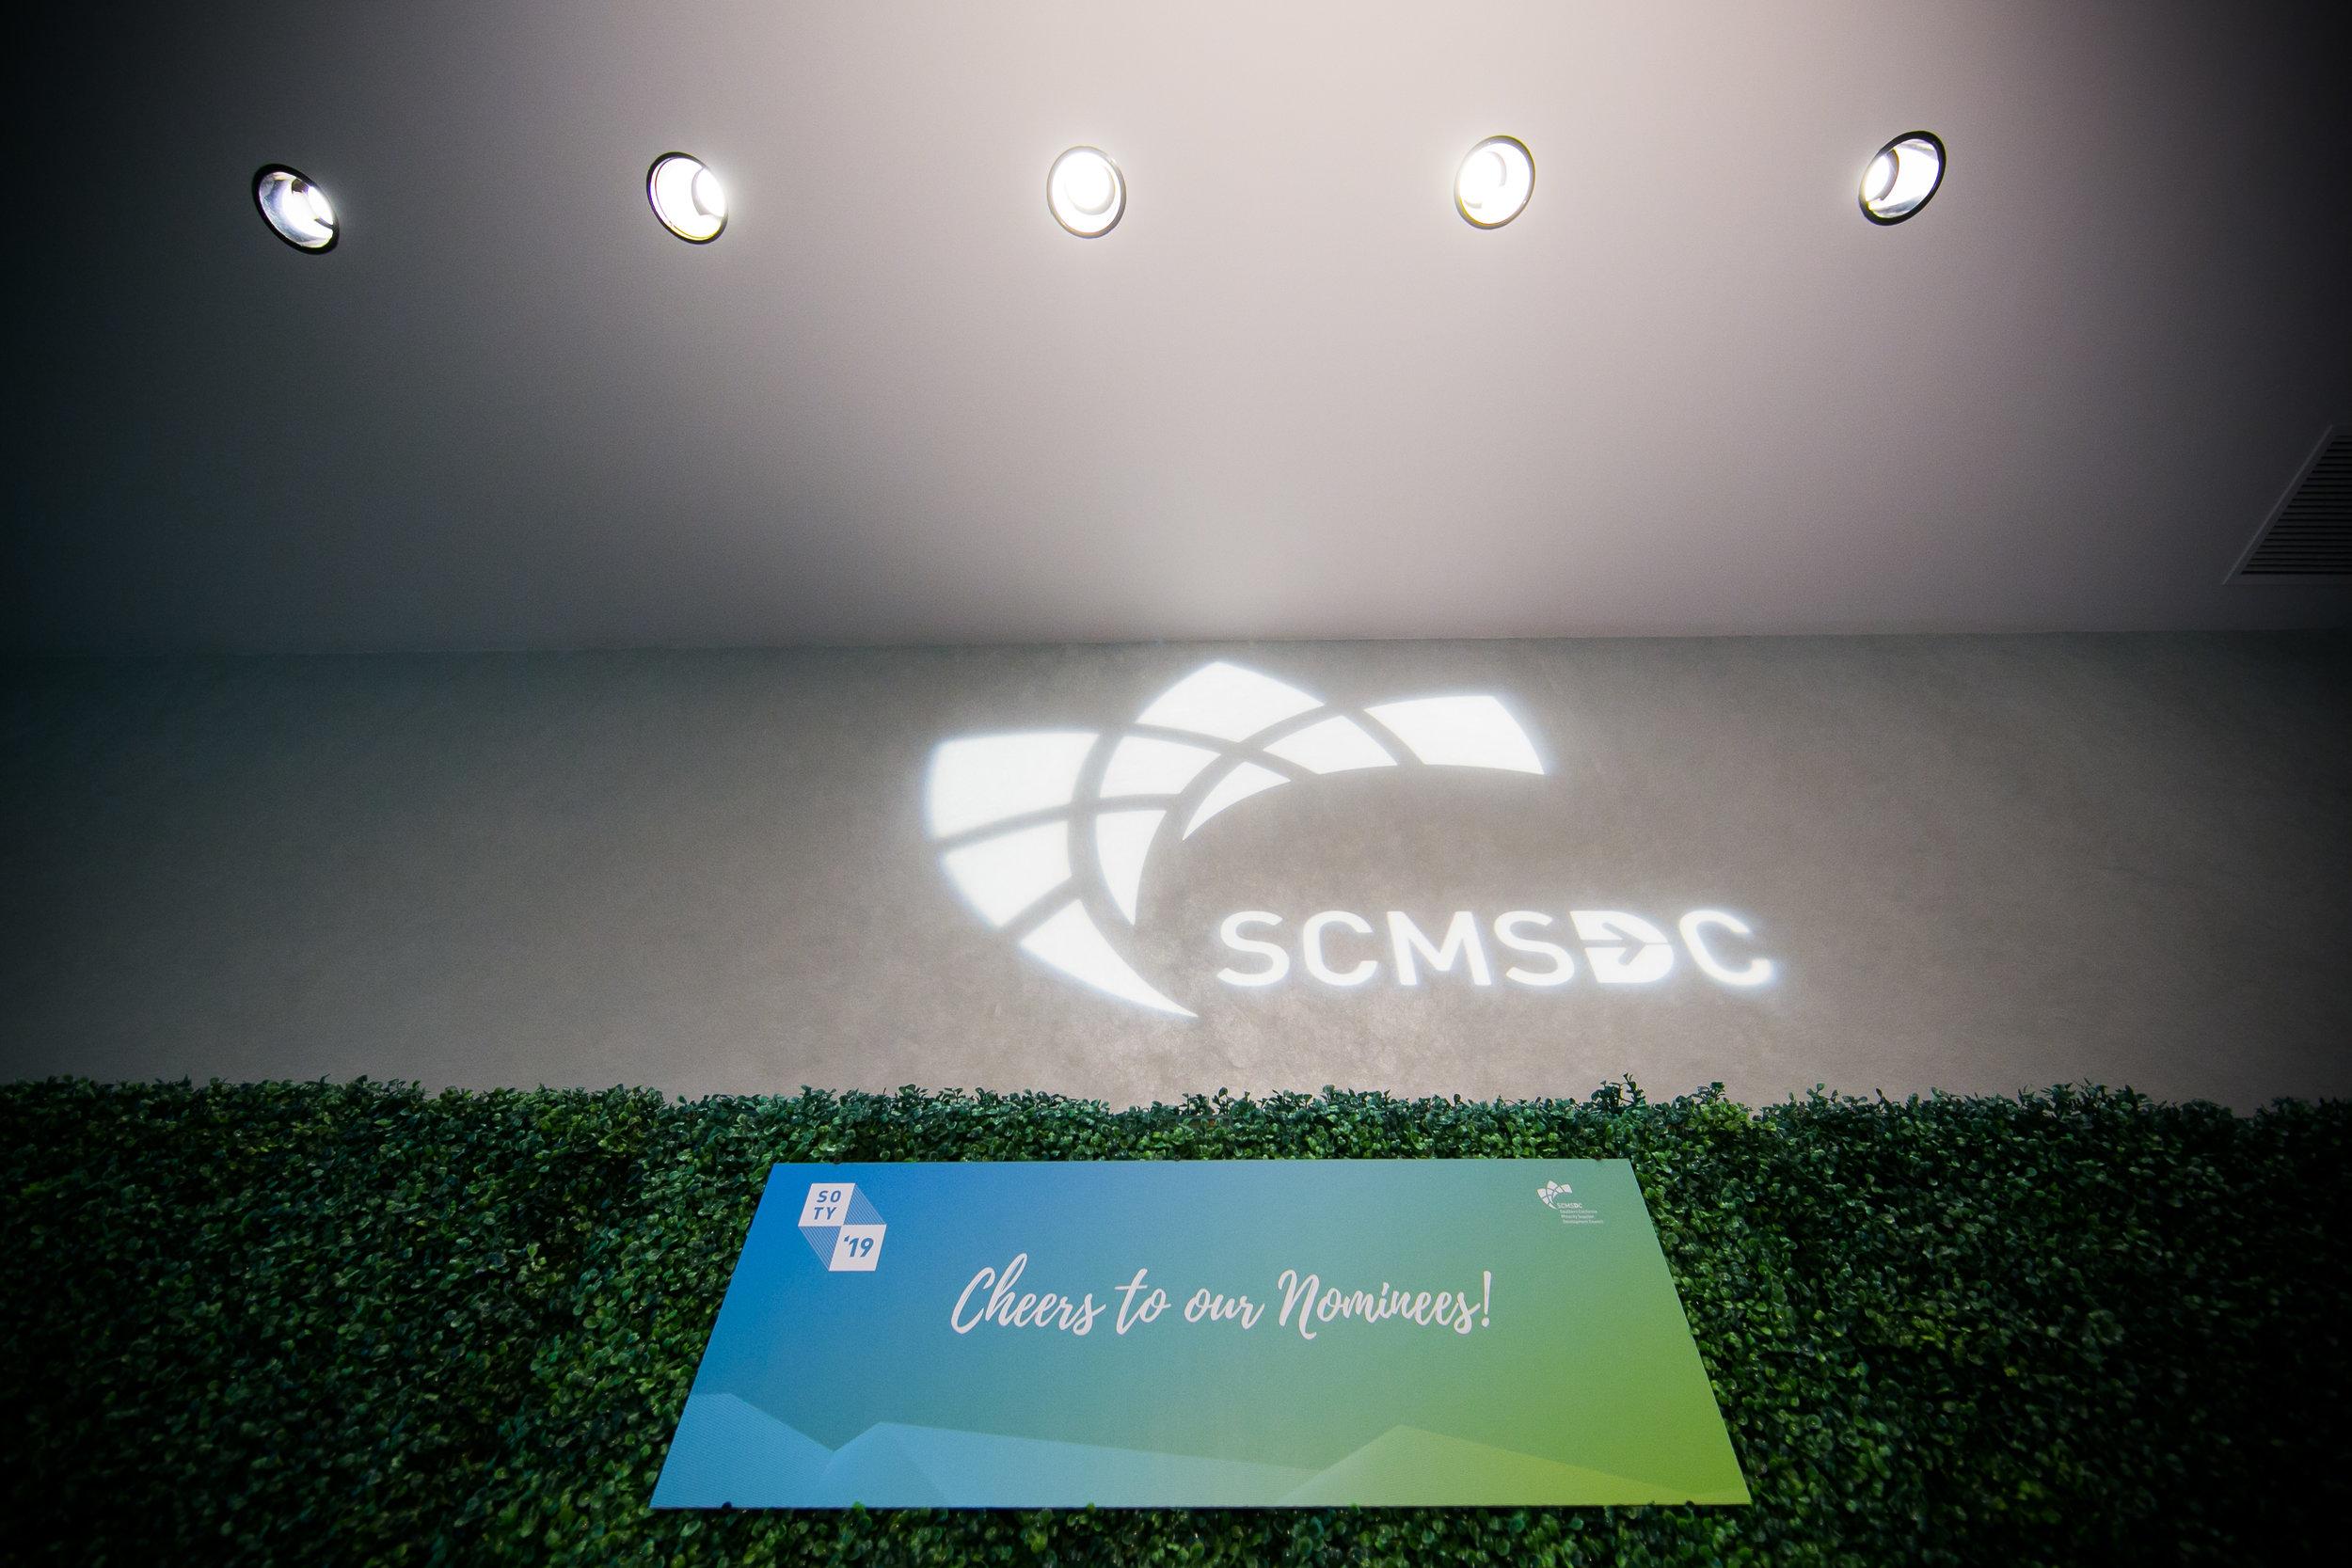 SCMSDC_SOTY2019-0024.JPG